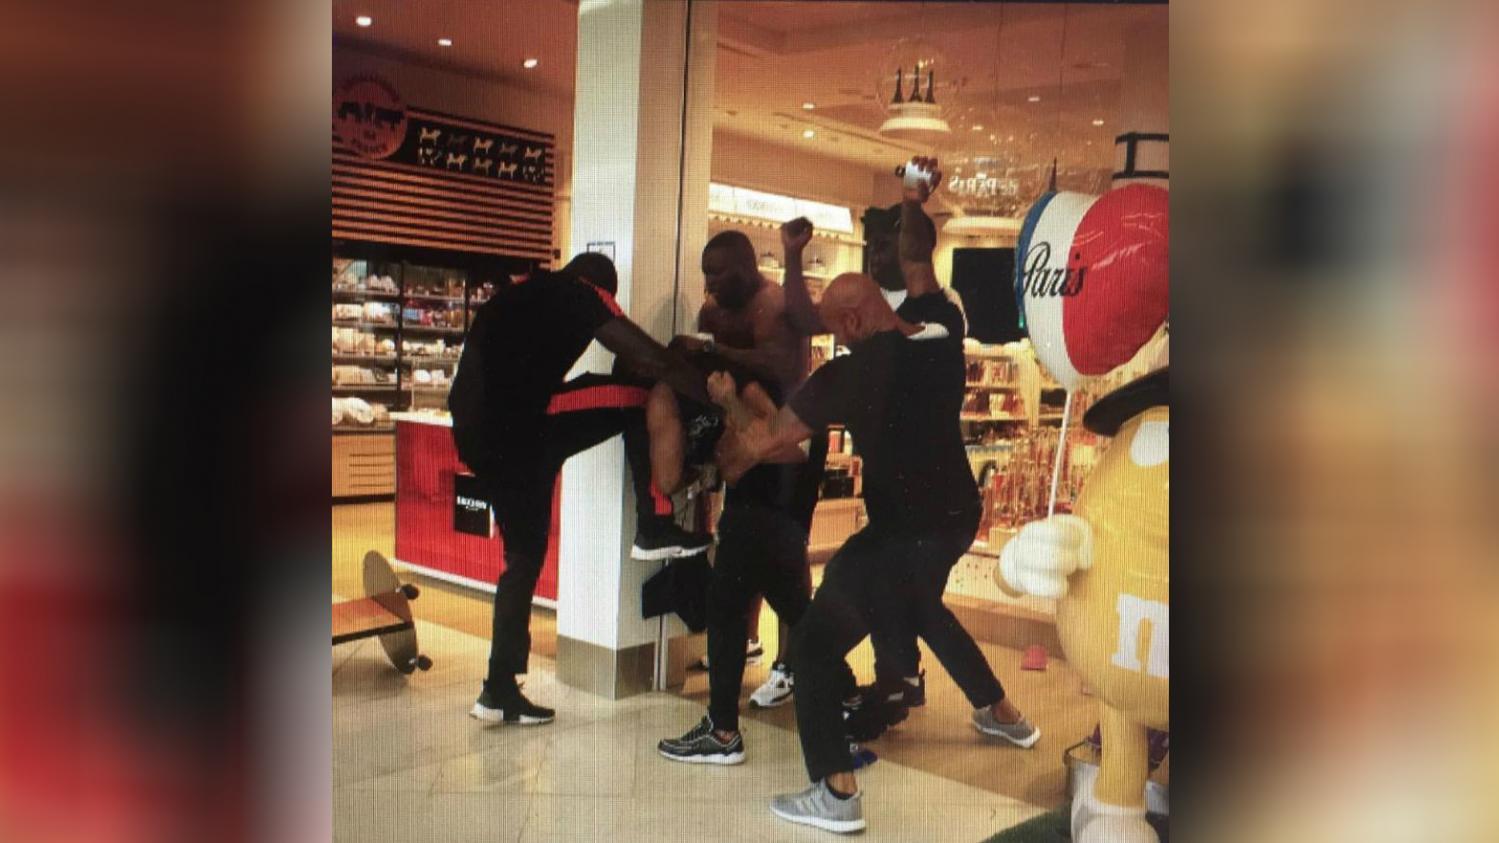 VIDEO. Les images de la violente bagarre impliquant les rappeurs Booba et Kaaris à l'aéroport d'Orly